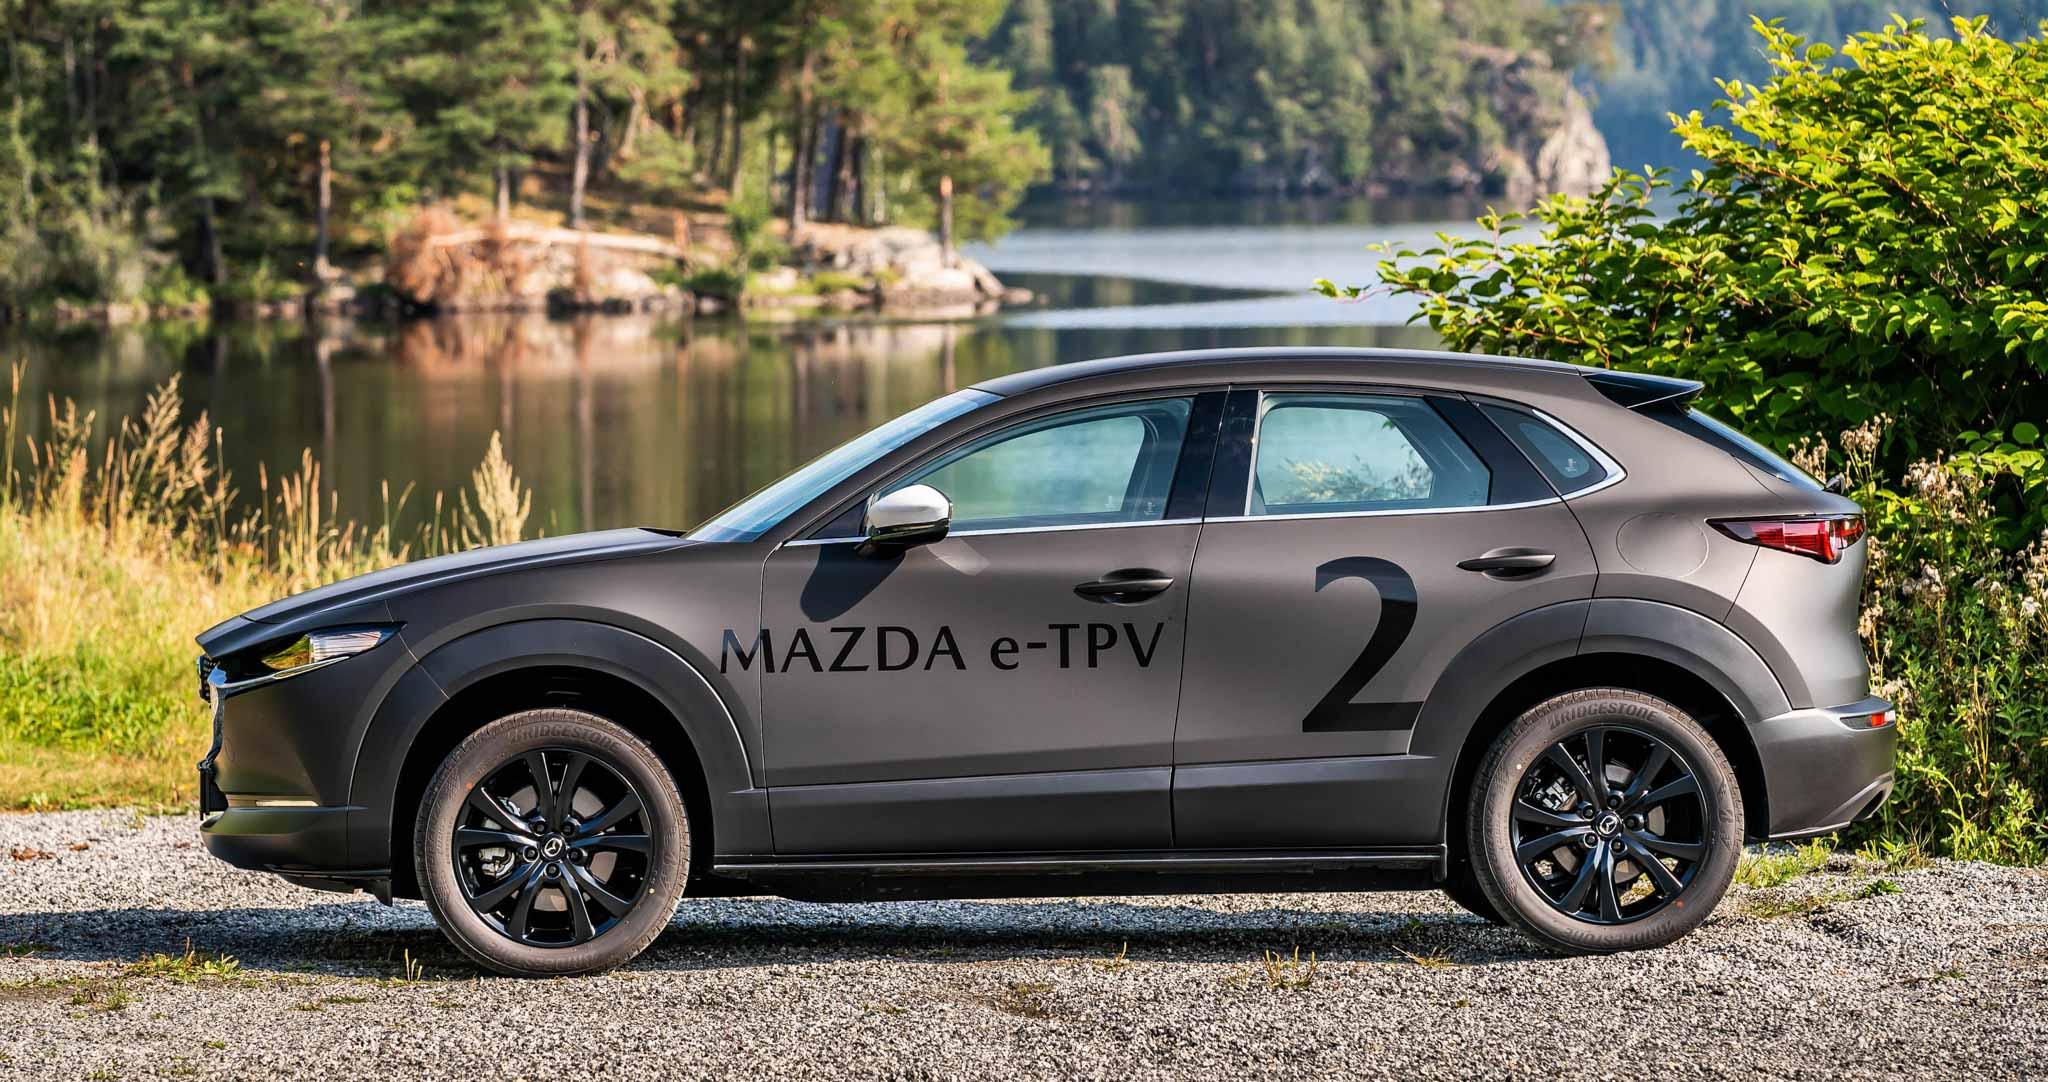 Mazda tung video teaser giới thiệu xe điện trước thềm Triển lãm Ôtô Tokyo 2019 - 3